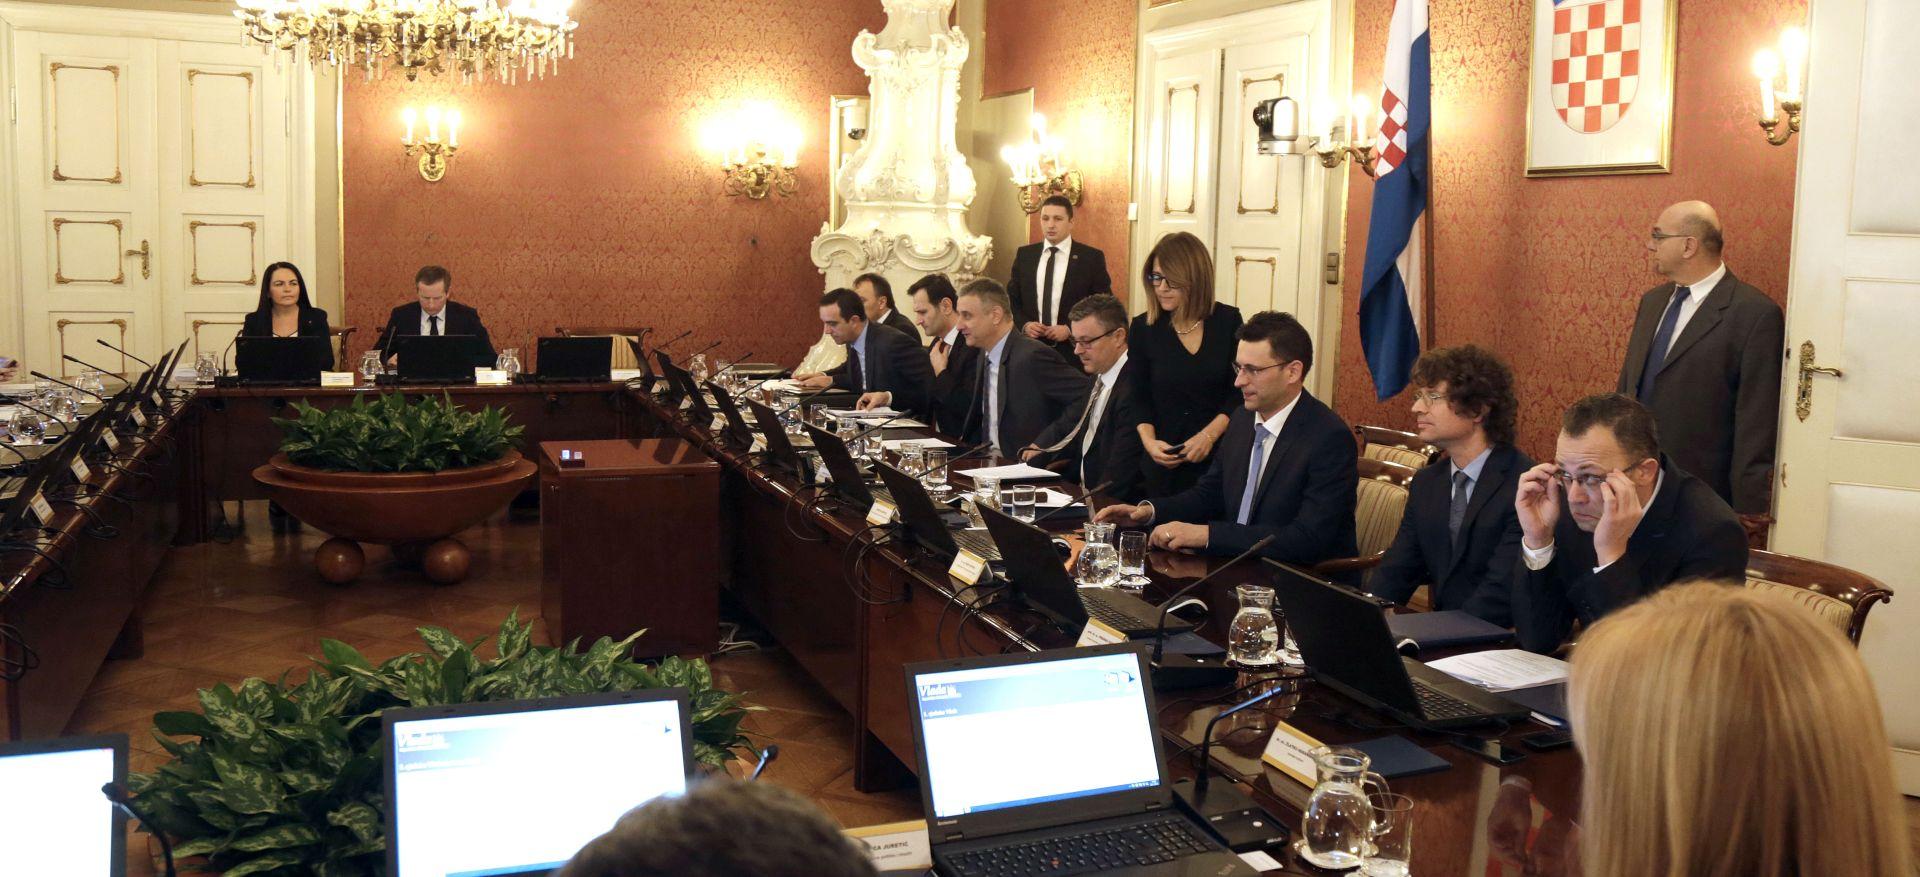 VLADA: Izvješća ministara o zatečenom stanju